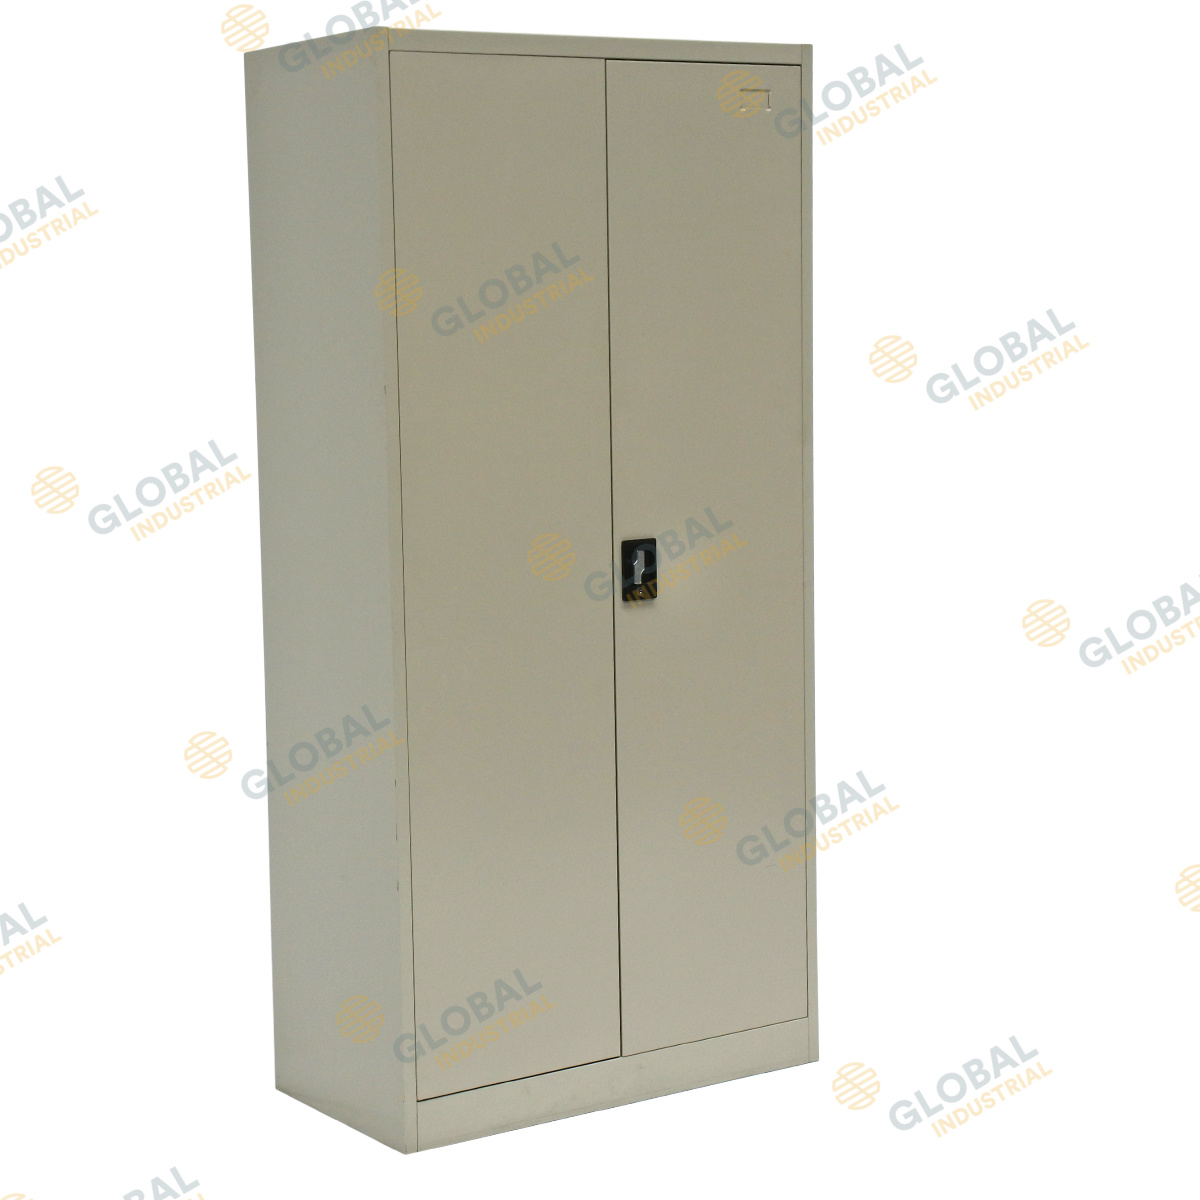 2 Door Stationary Cabinet ...  sc 1 st  Global Industrial & MK2 Two Door Cabinet: Lockable Storage Cabinet | Global Industrial